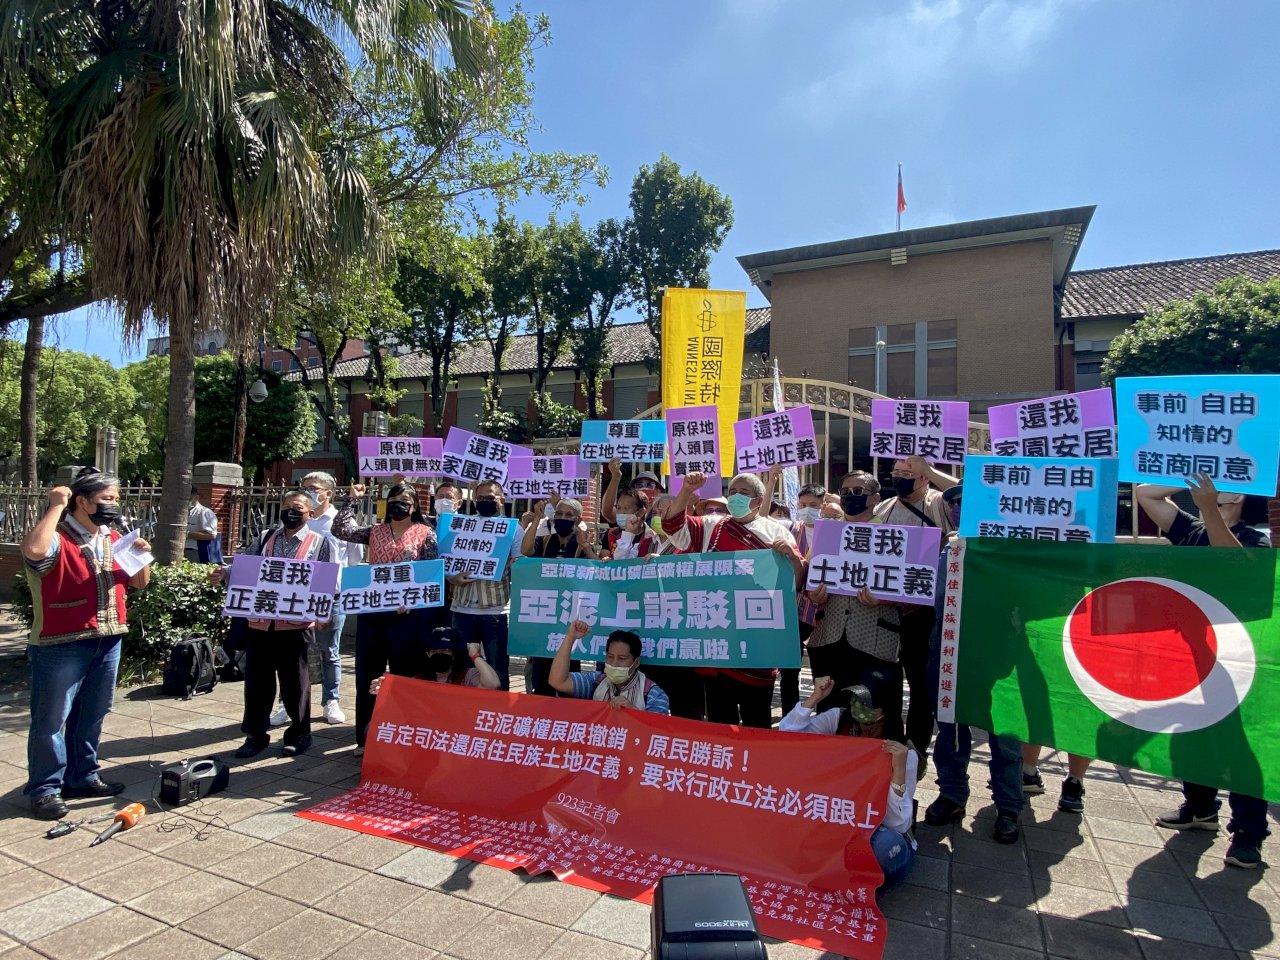 打敗亞泥 原民團體再籲立法保障土地正義